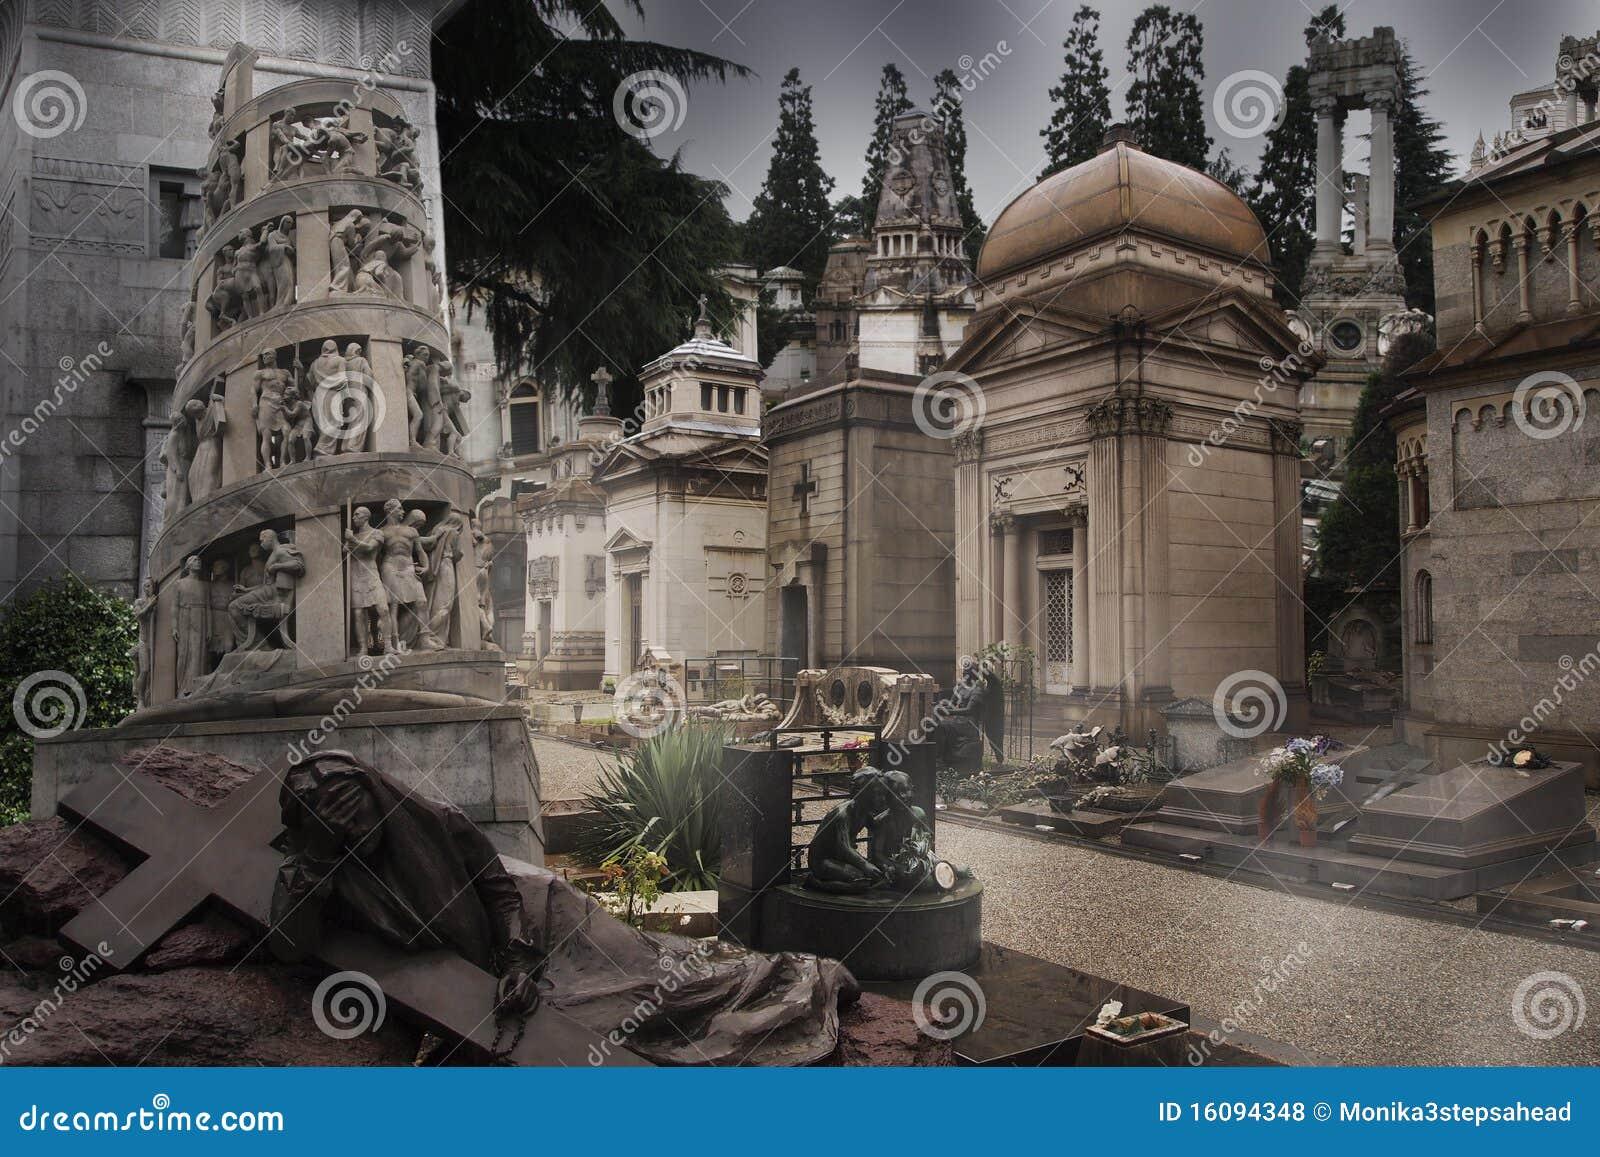 Cemetery - gravestones